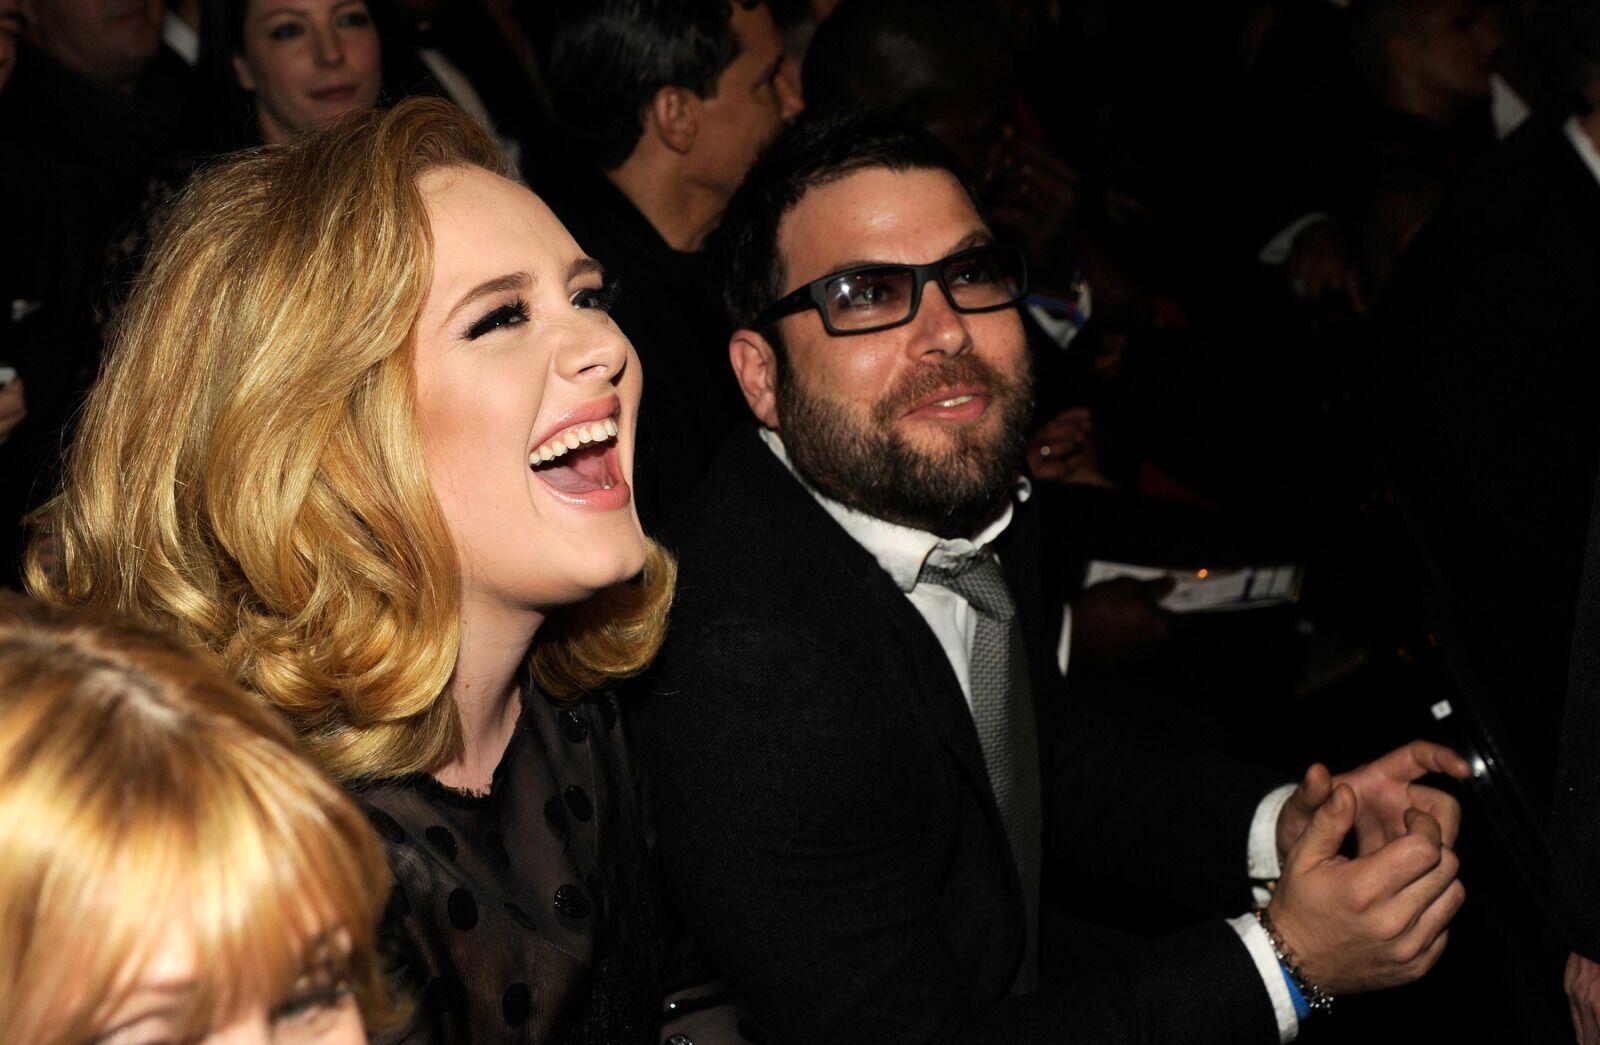 Grammy award winner Adele announces separation from husband